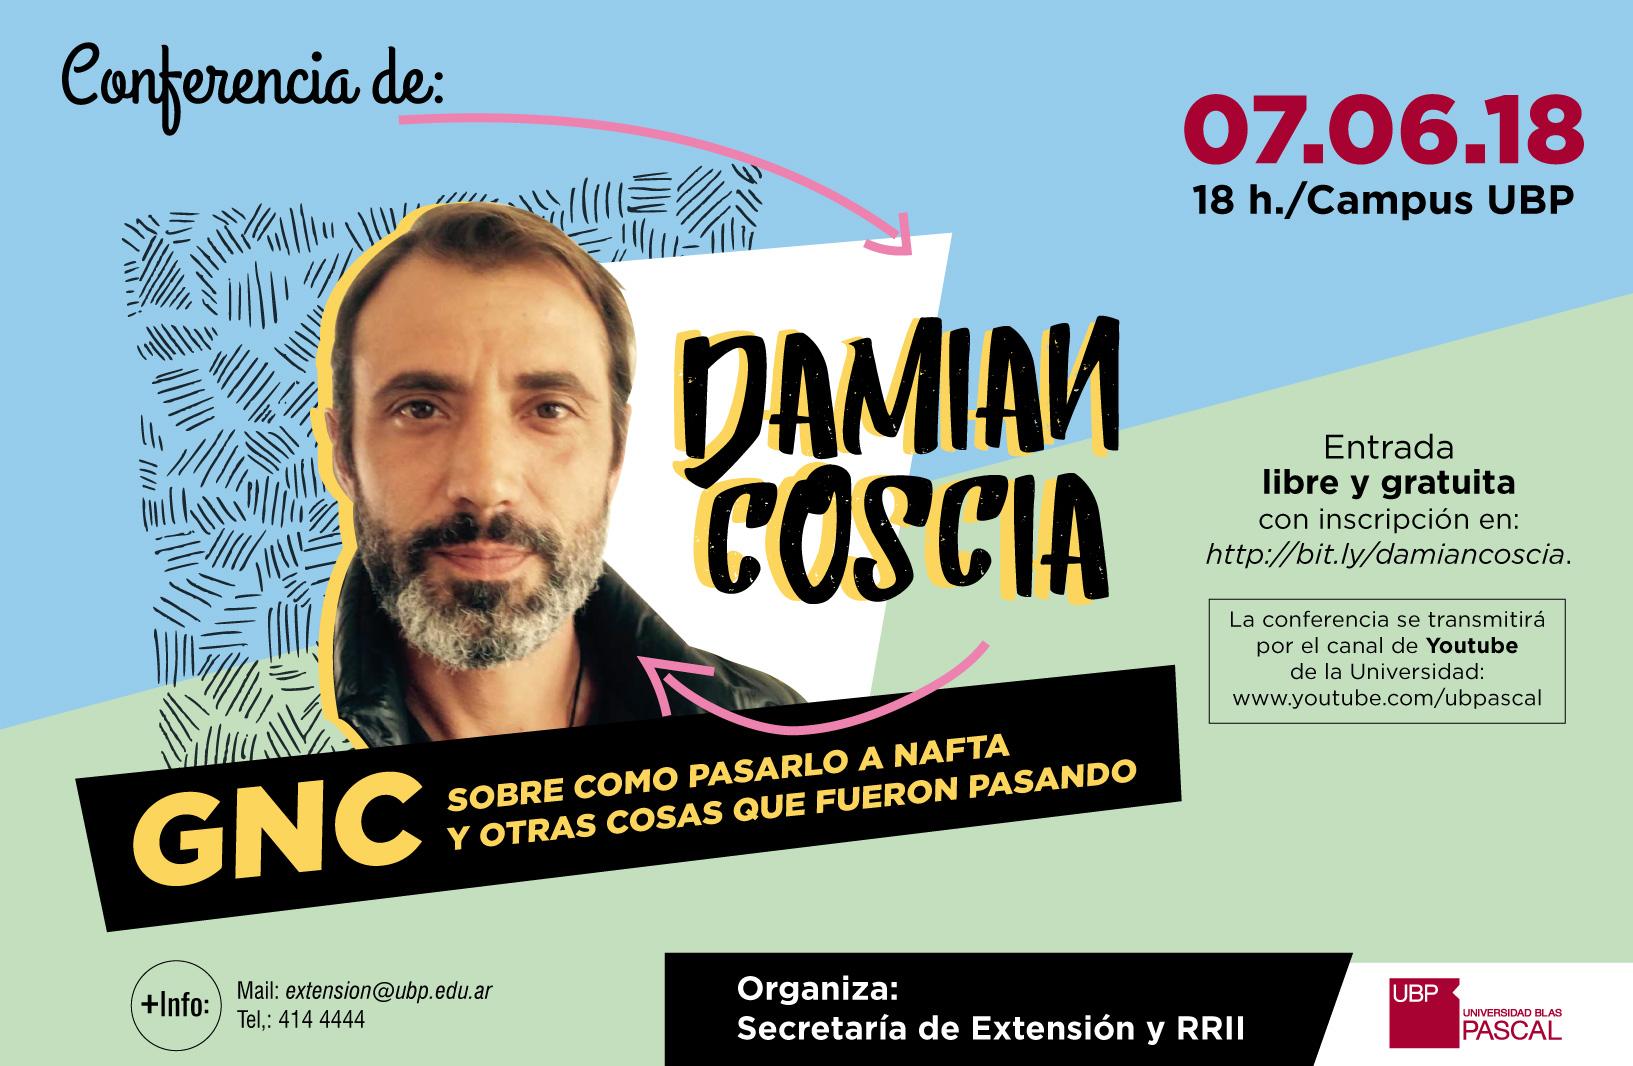 Conf-DAMIAN-COSCIA-RedPloy